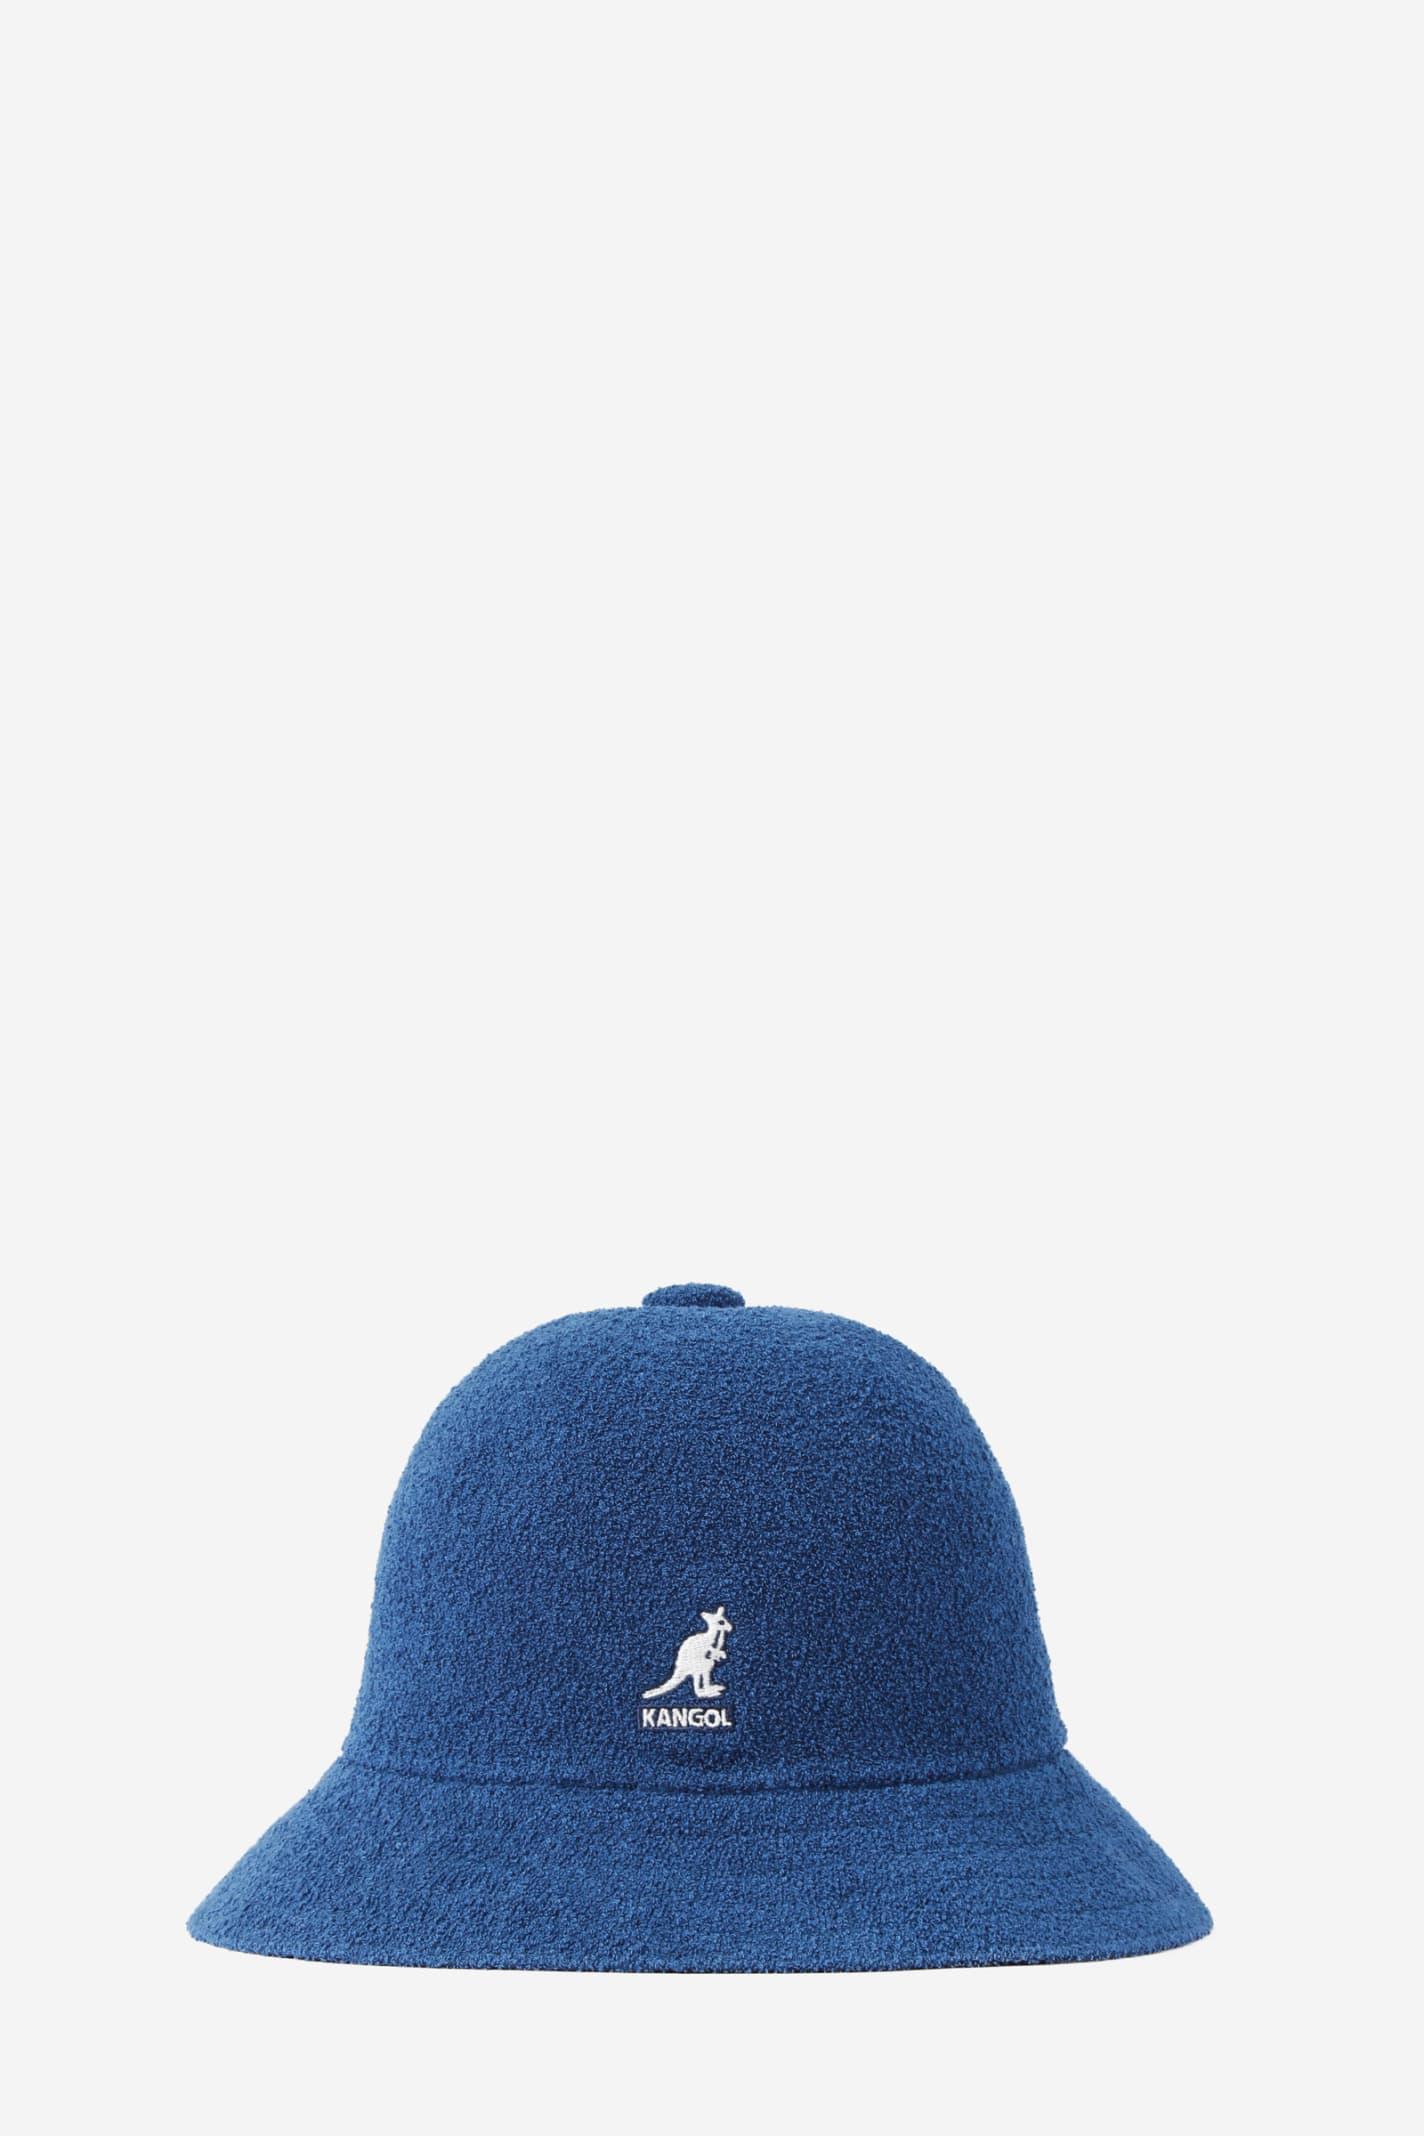 Bermuda Casual Hats